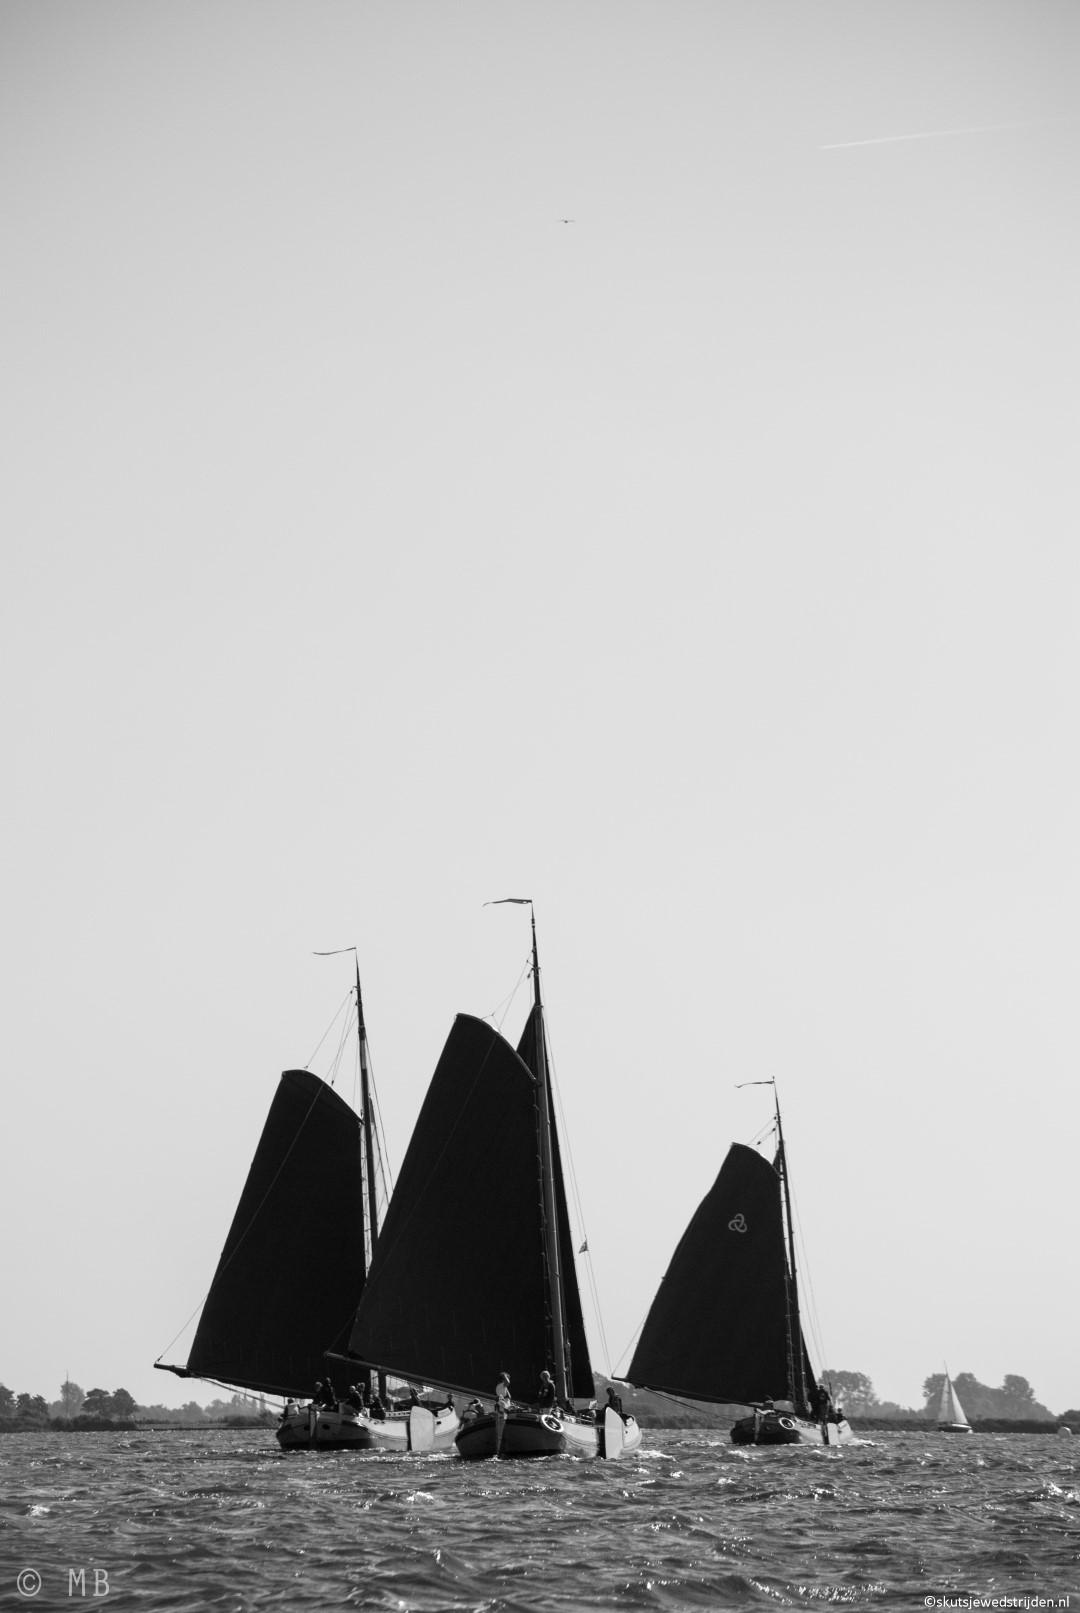 swg2013-mb-058